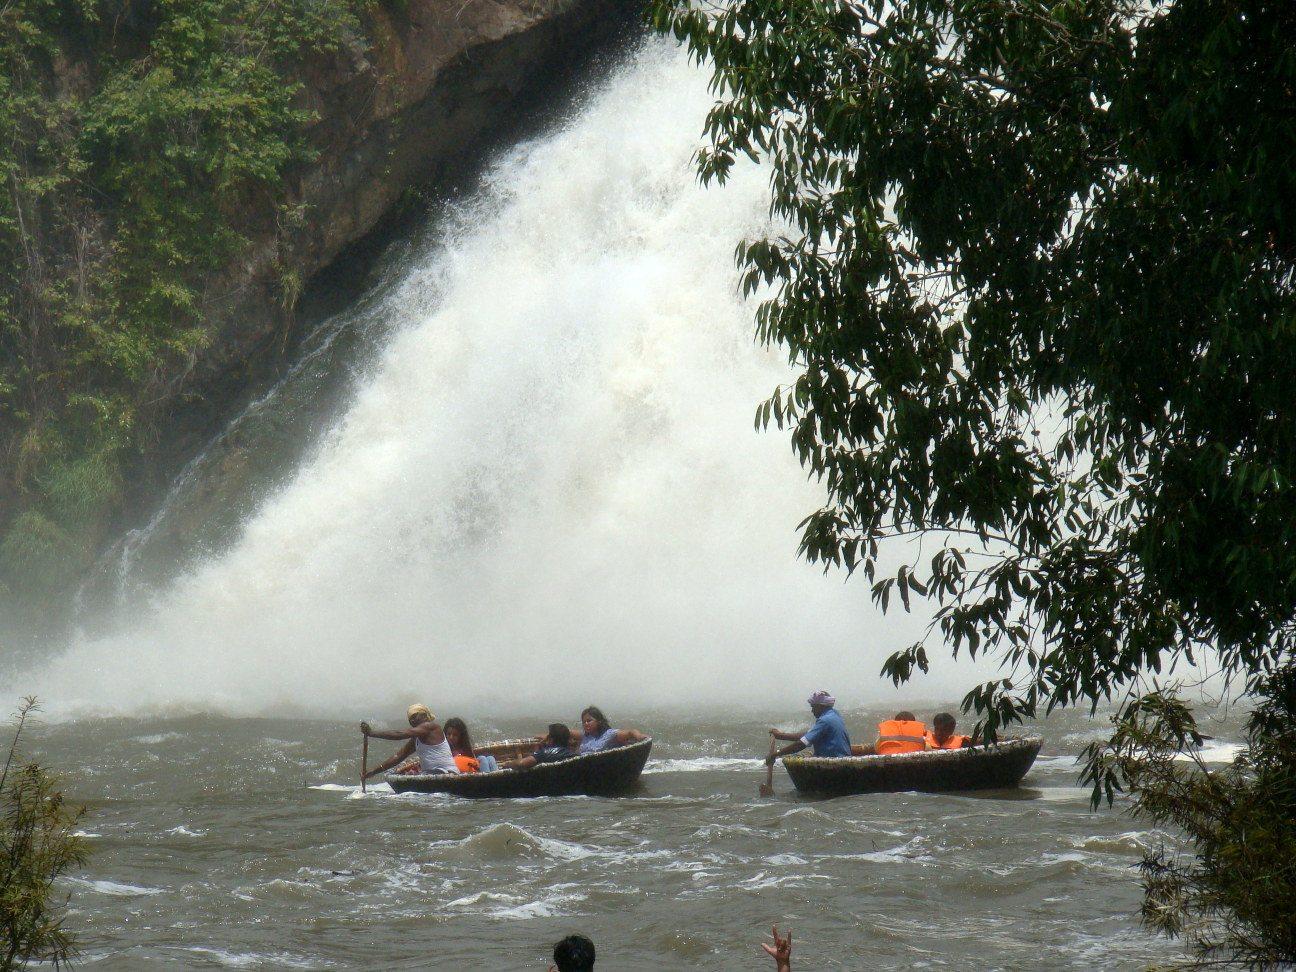 gaganachukki falls boat ride